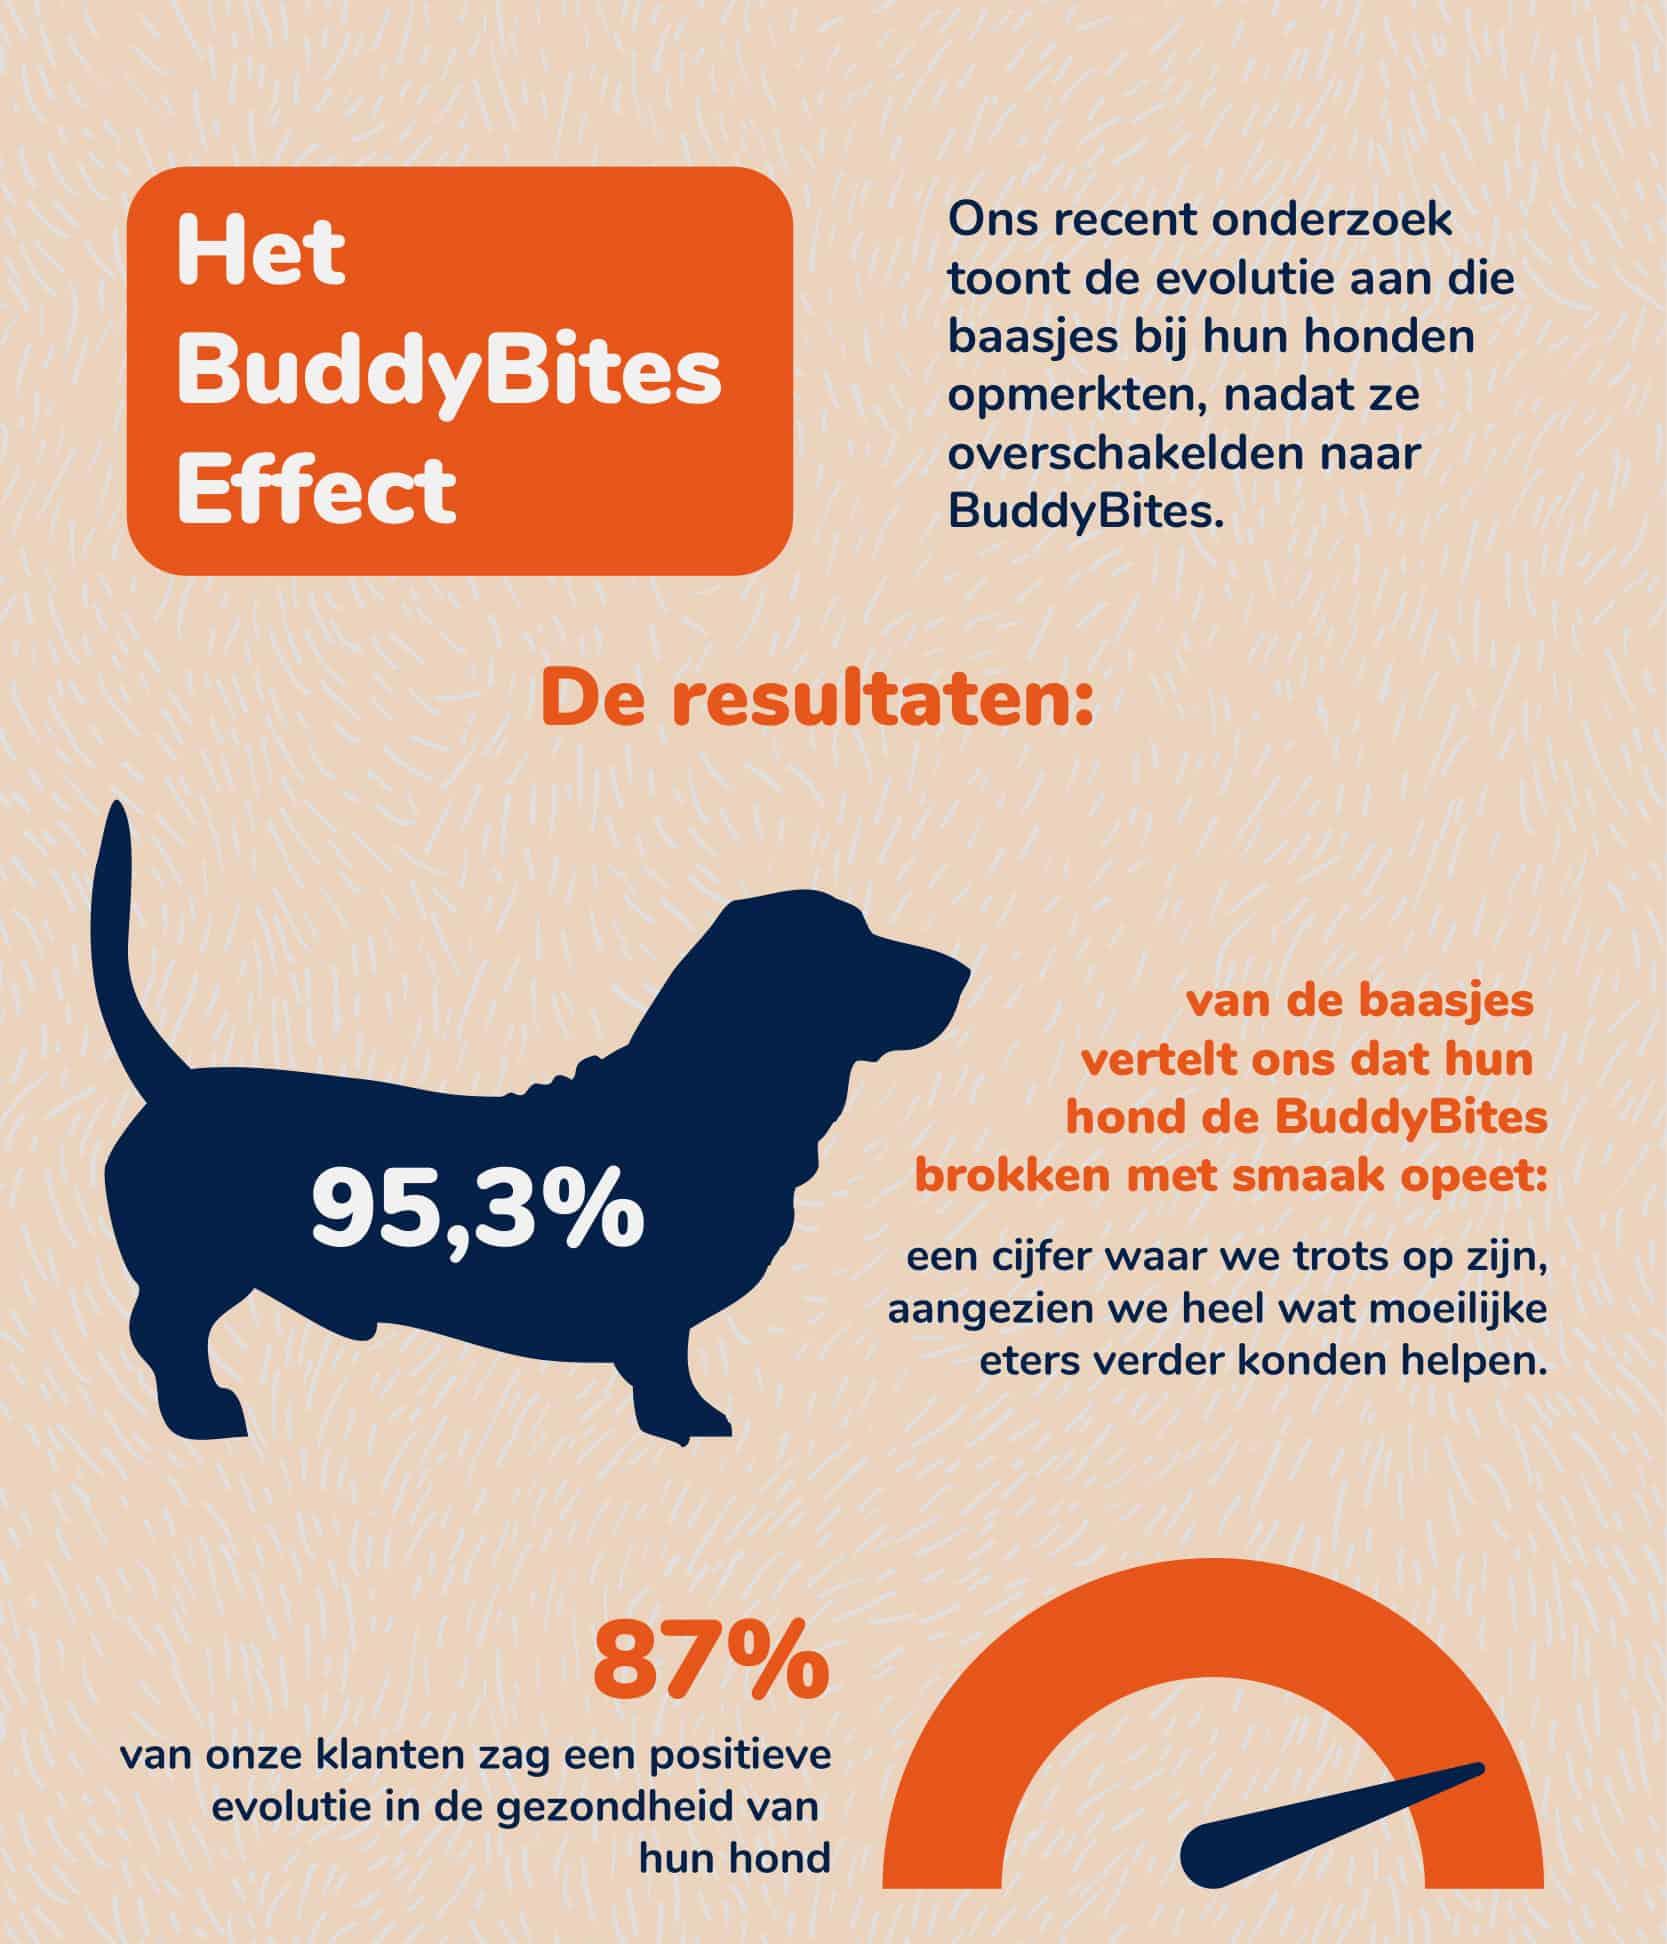 wat is het effect van buddybites hondenvoeding op mijn hond